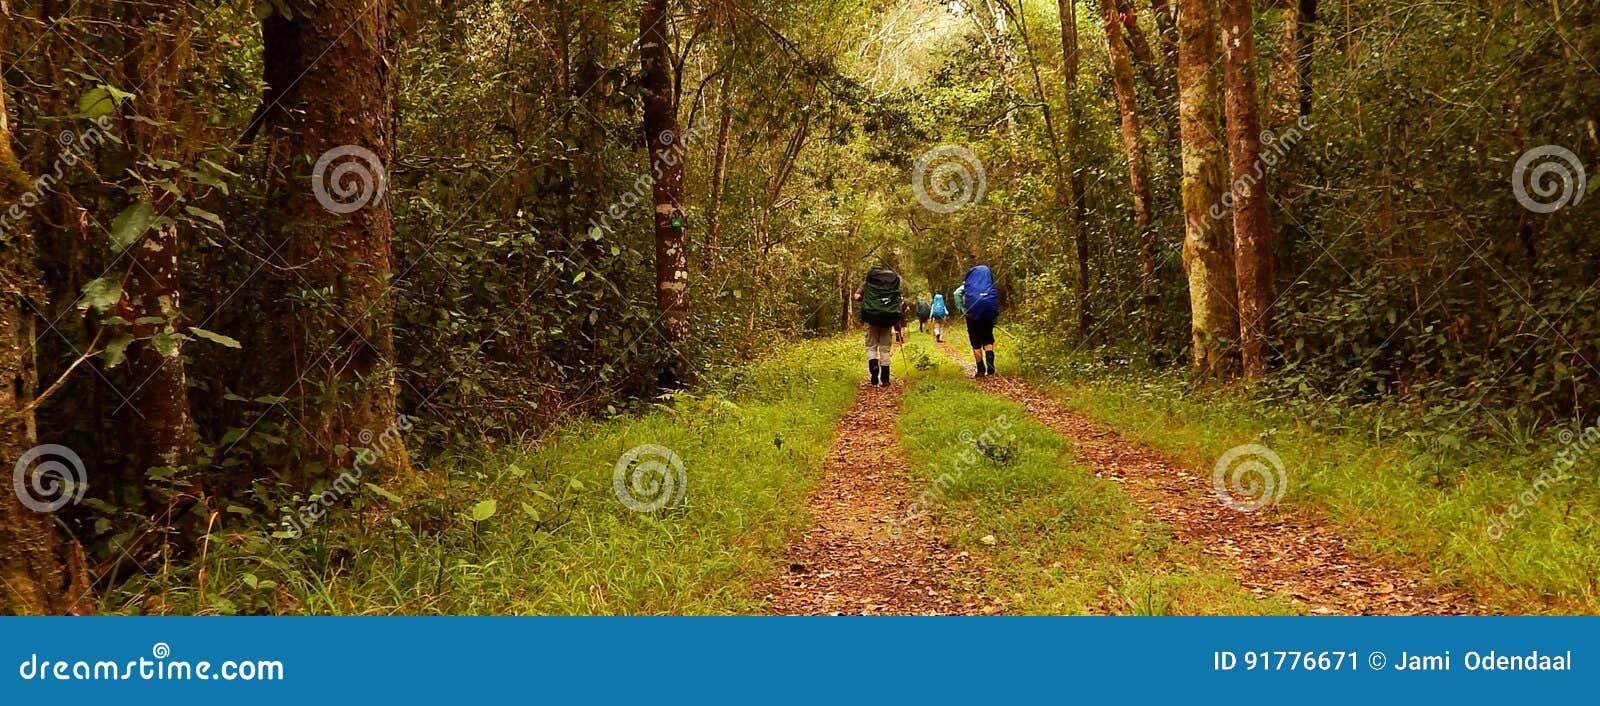 Caminantes en un bosque